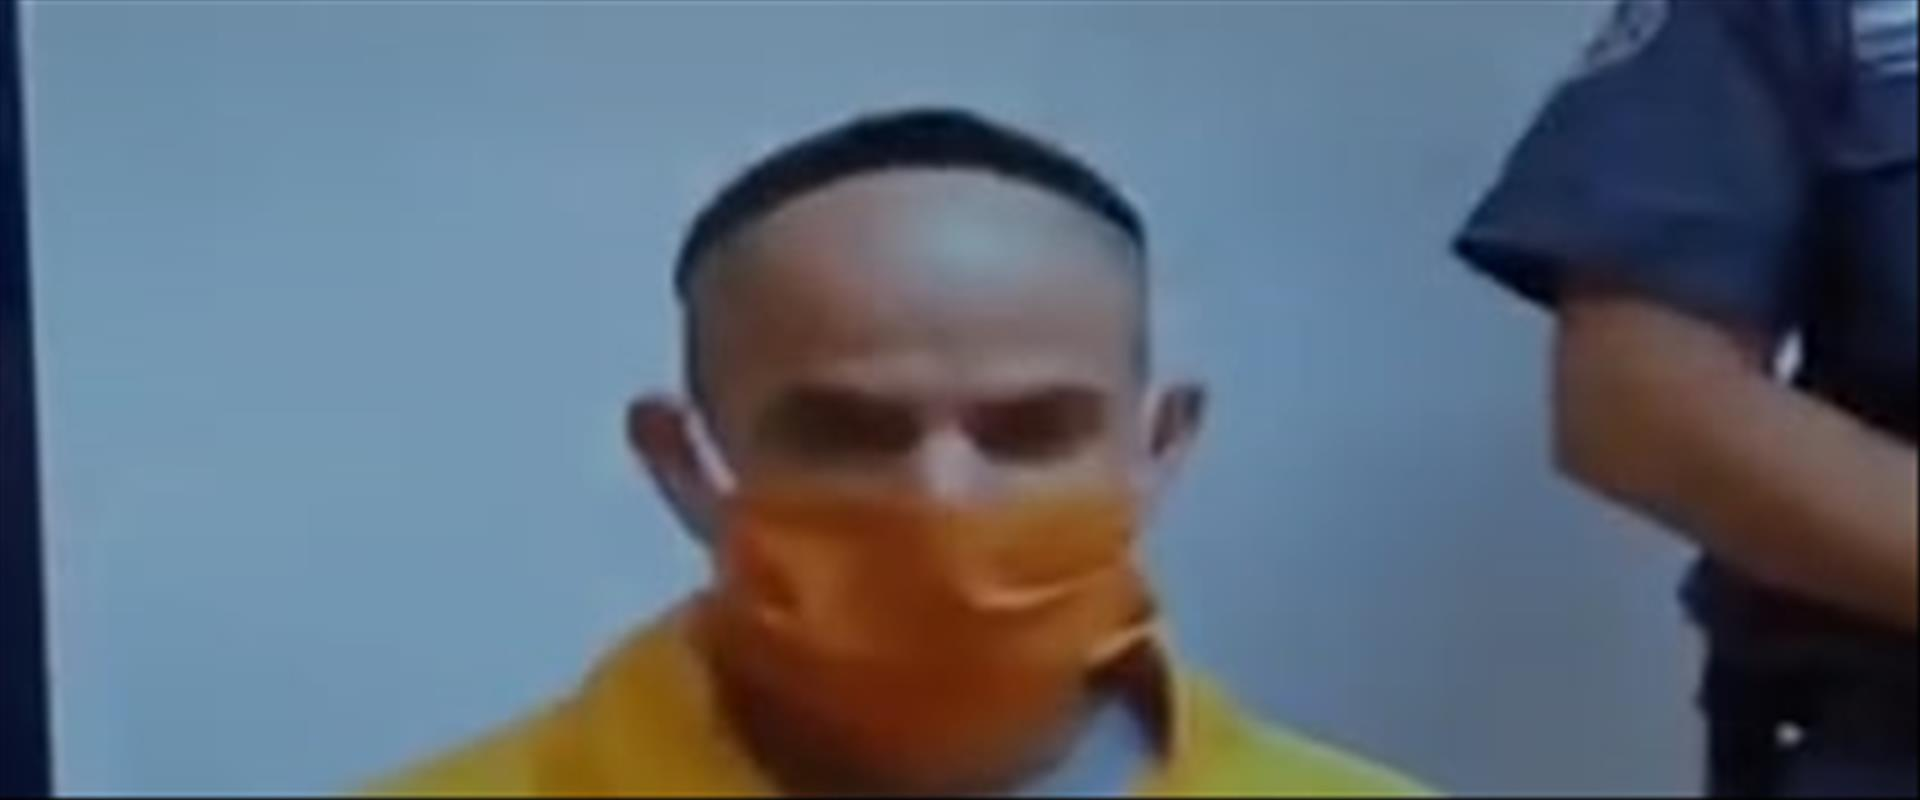 גלעד שמן רוצח עינב רוגל